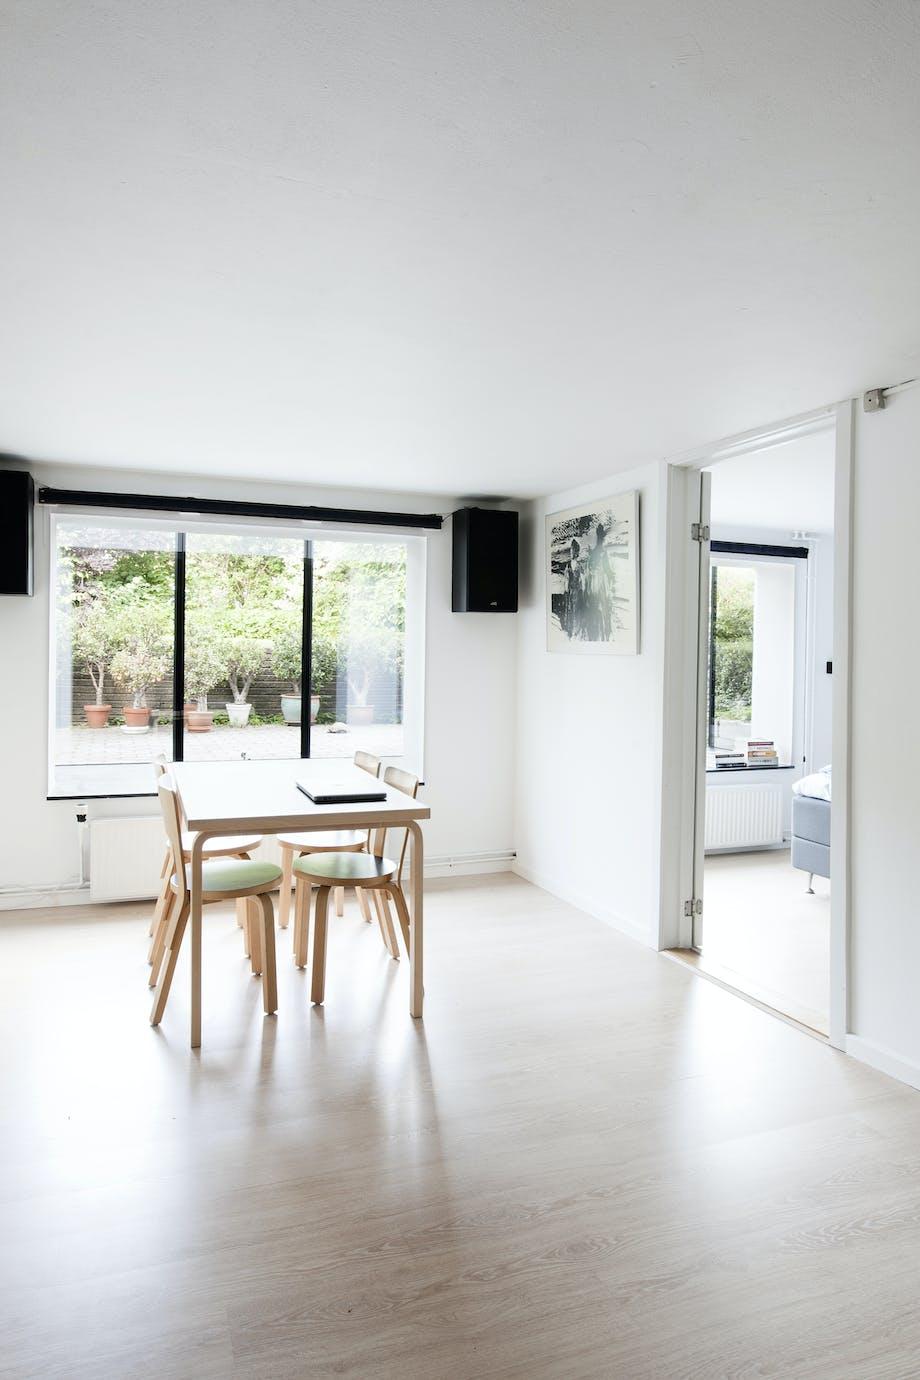 renovering ombygning kælder vinduer spisestue